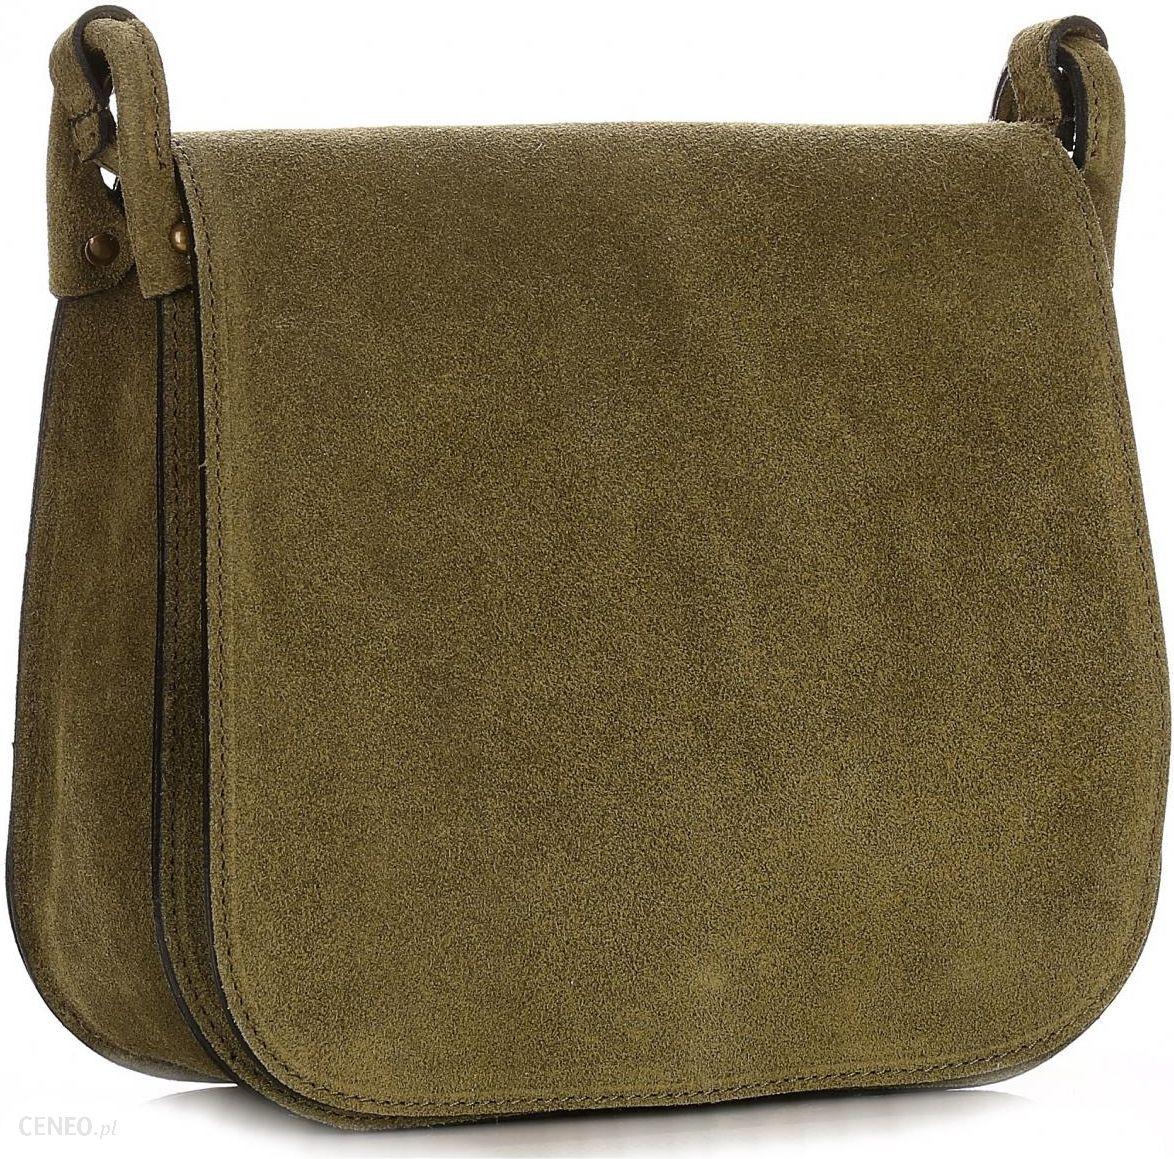 1def40a35aa43 Torebki Listonoszki Skórzane Firmy Genuine Leather Zielona (kolory) -  zdjęcie 1